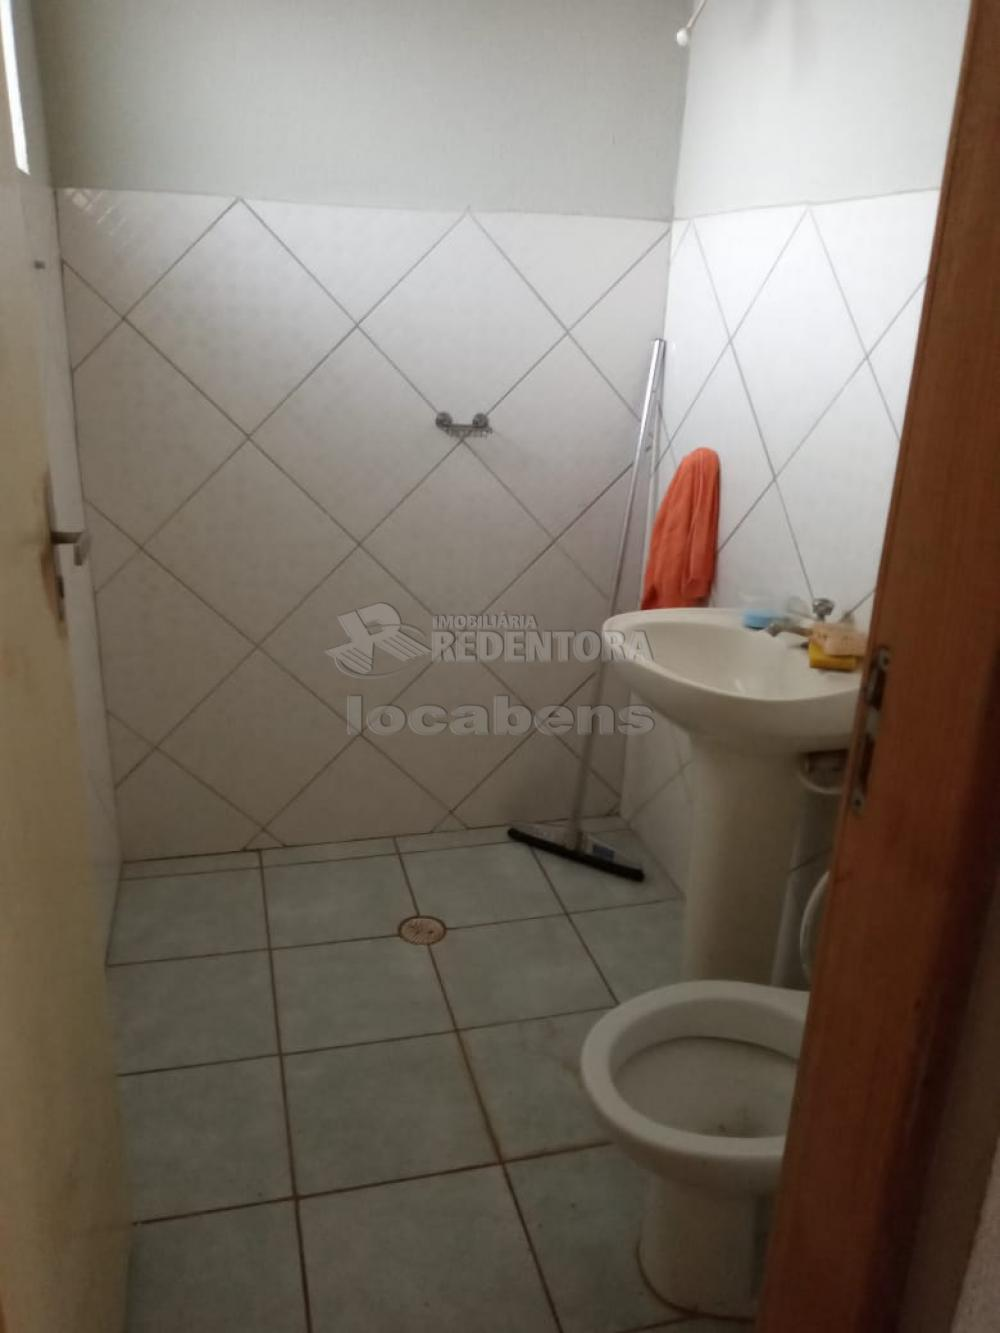 Comprar Rural / Chácara em São José do Rio Preto R$ 650.000,00 - Foto 15